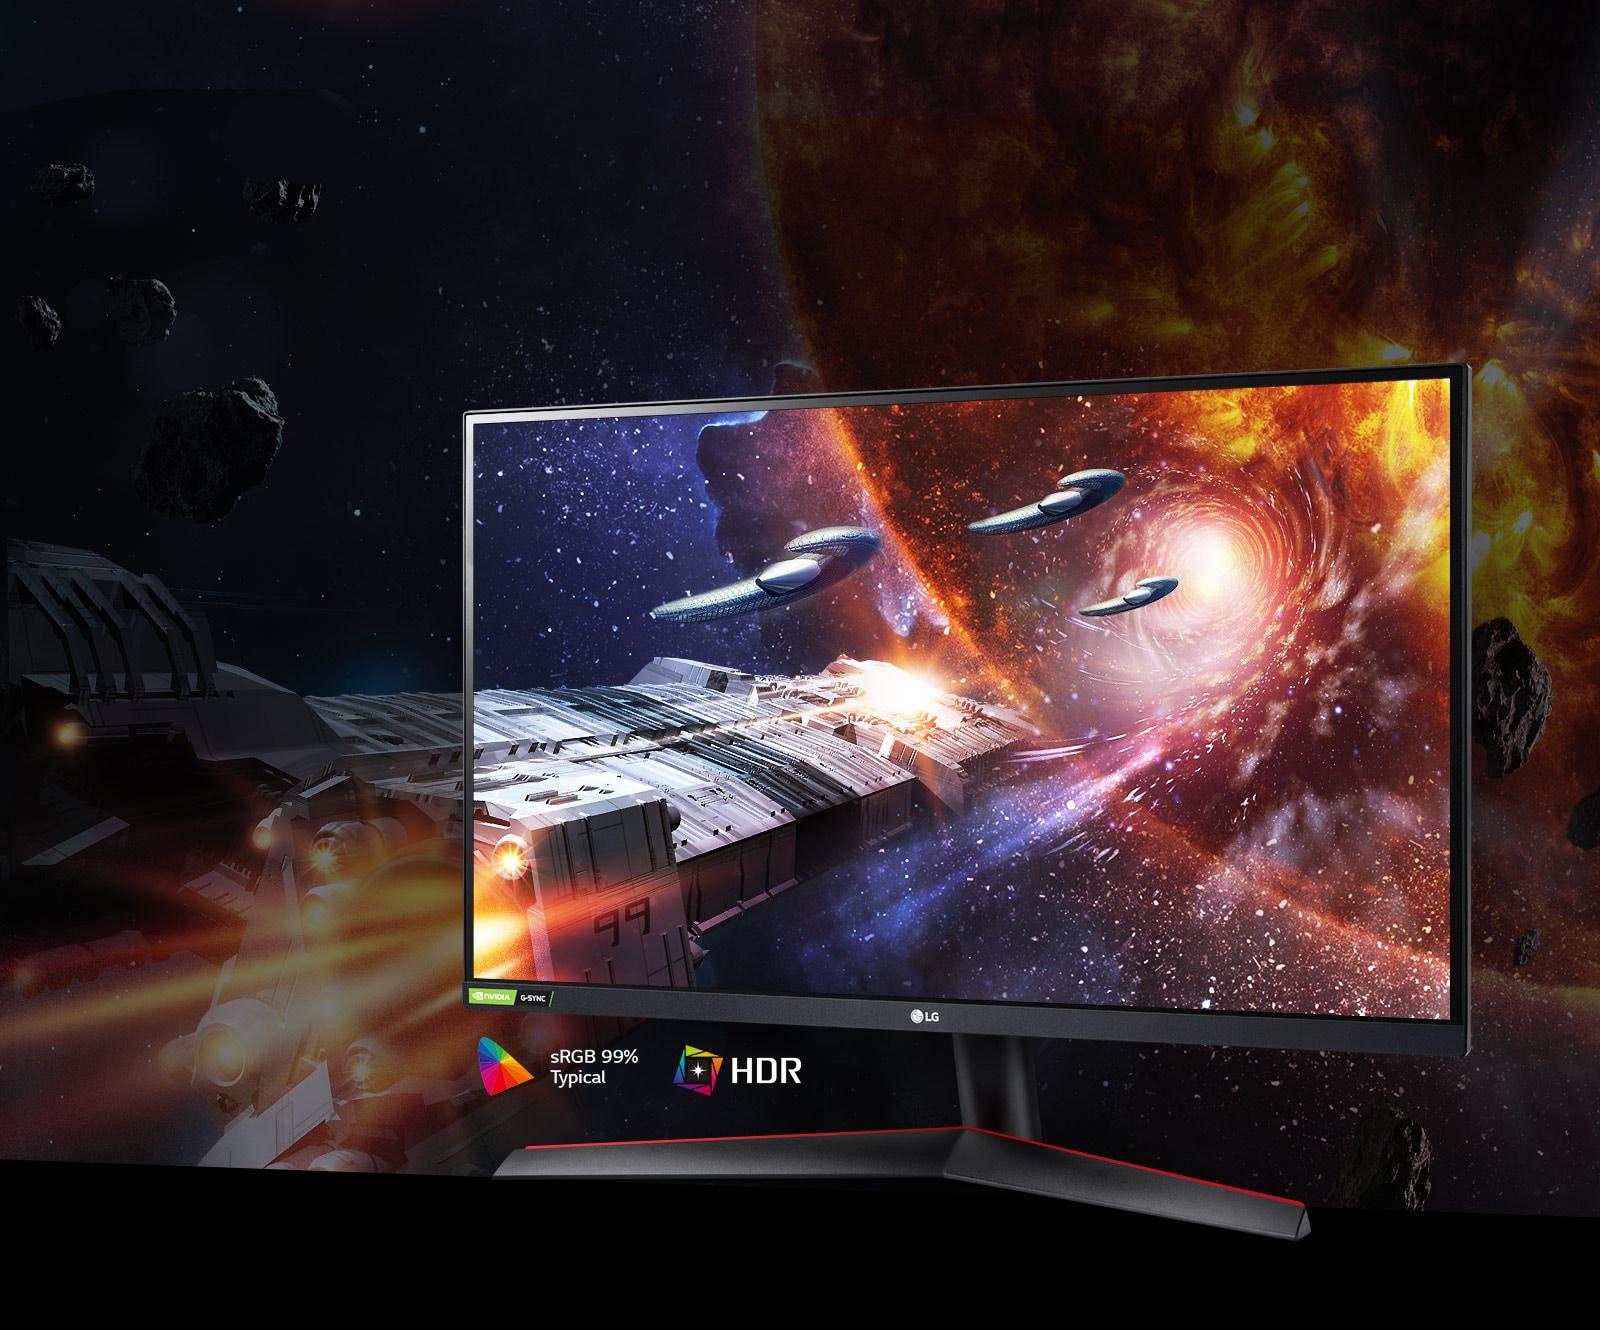 Scena iz videoigre u bogatim bojama i kontrastu na monitoru koji podržava HDR10 sa sRGB 99 % (tip.)